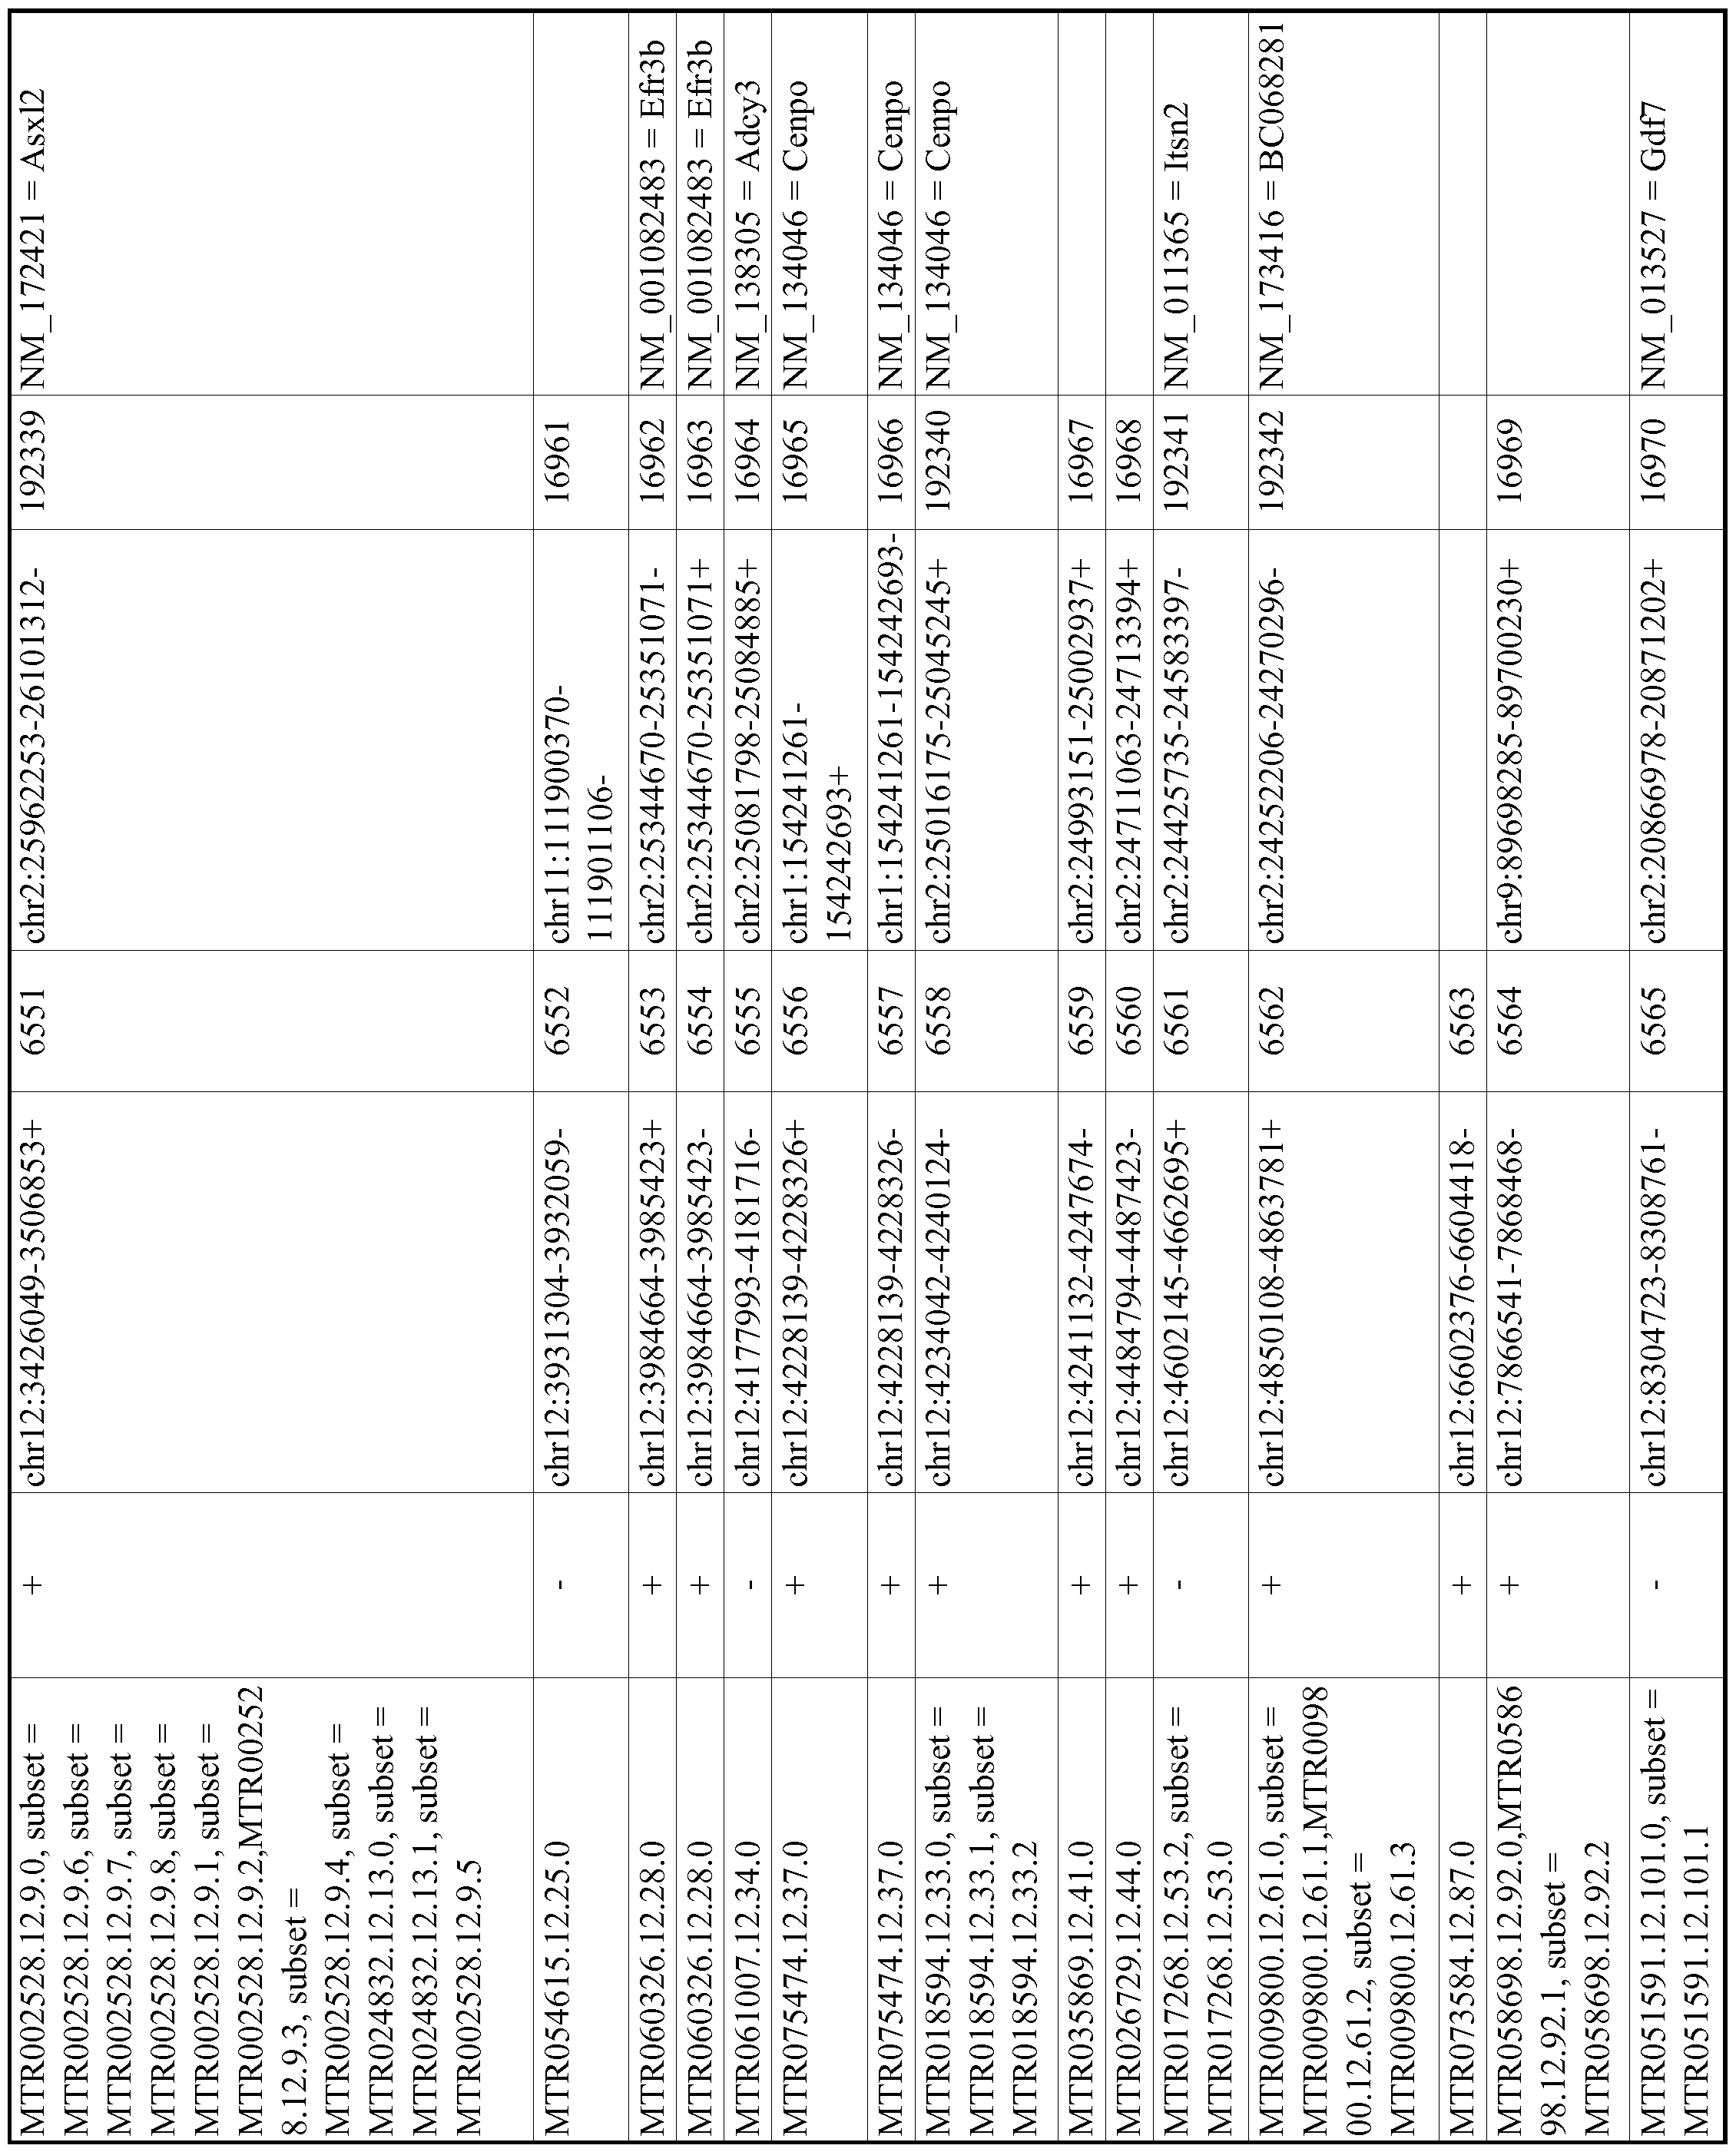 Figure imgf001178_0001